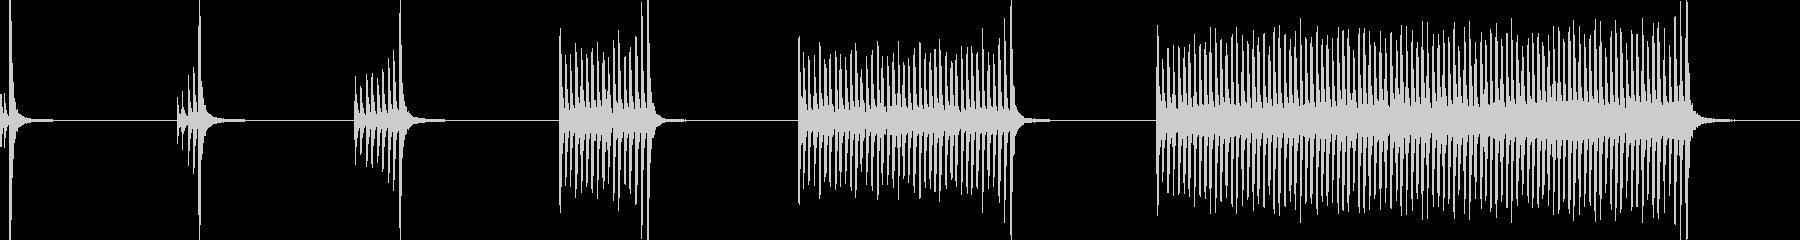 ドラム、スネア、ロール、ハイ、6バ...の未再生の波形